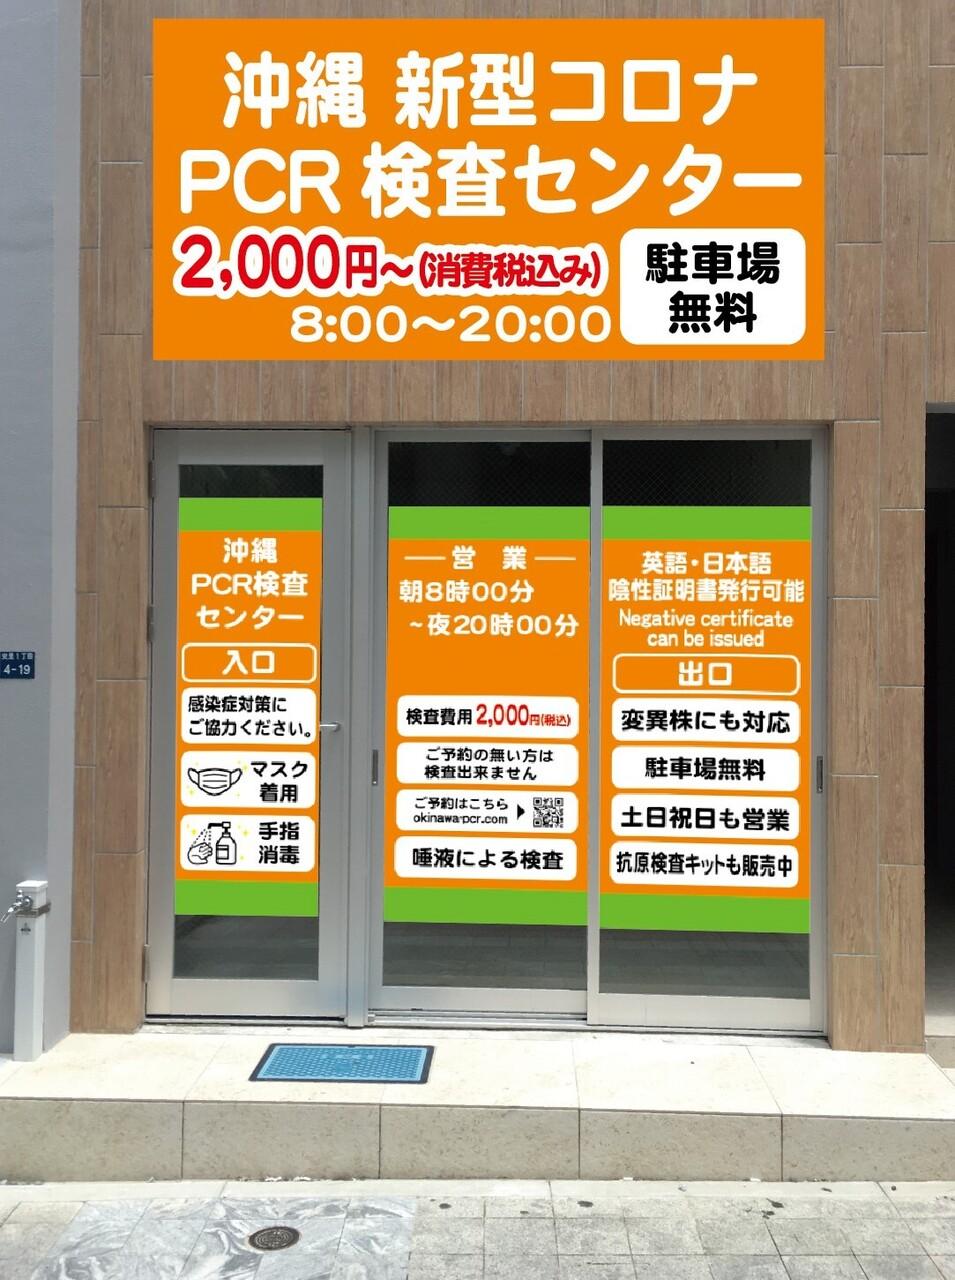 【沖縄PCR検査センター安里店】検査予約(クイック通知) 予約ページ